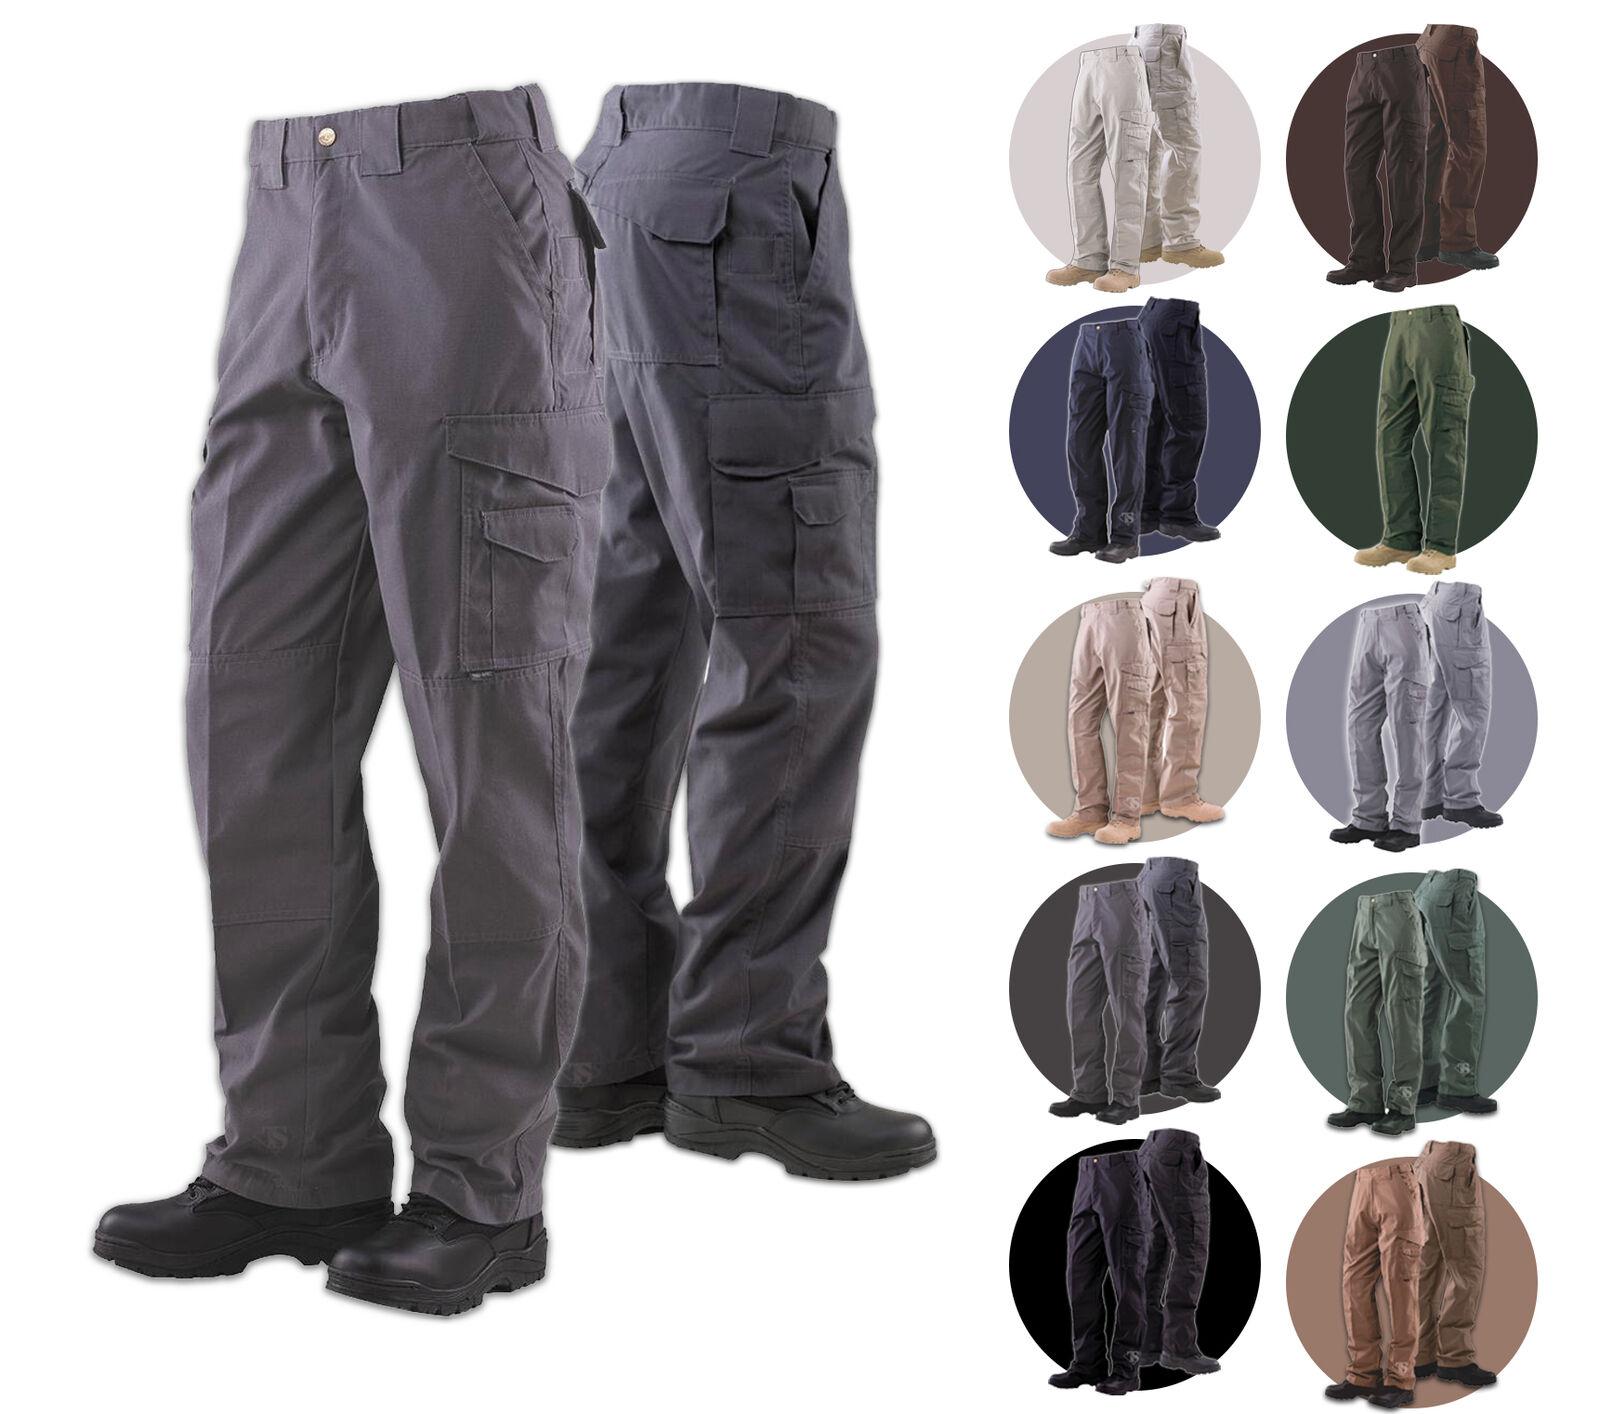 Tru-Spec 24-7 Tactical Poly Cotton Rip-Stop Pants